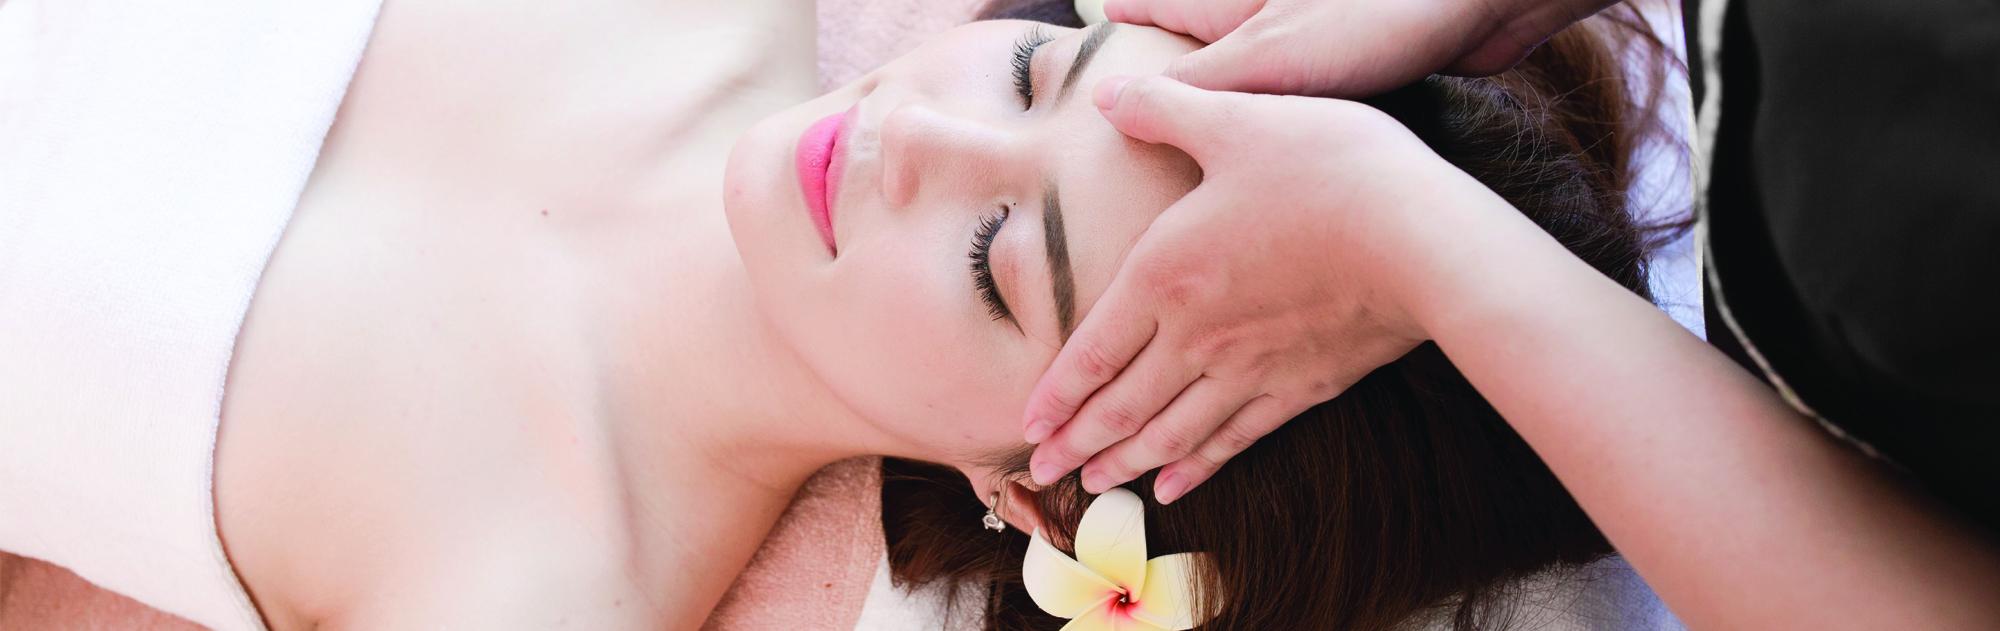 Tuyển sinh khóa học gội đầu massage